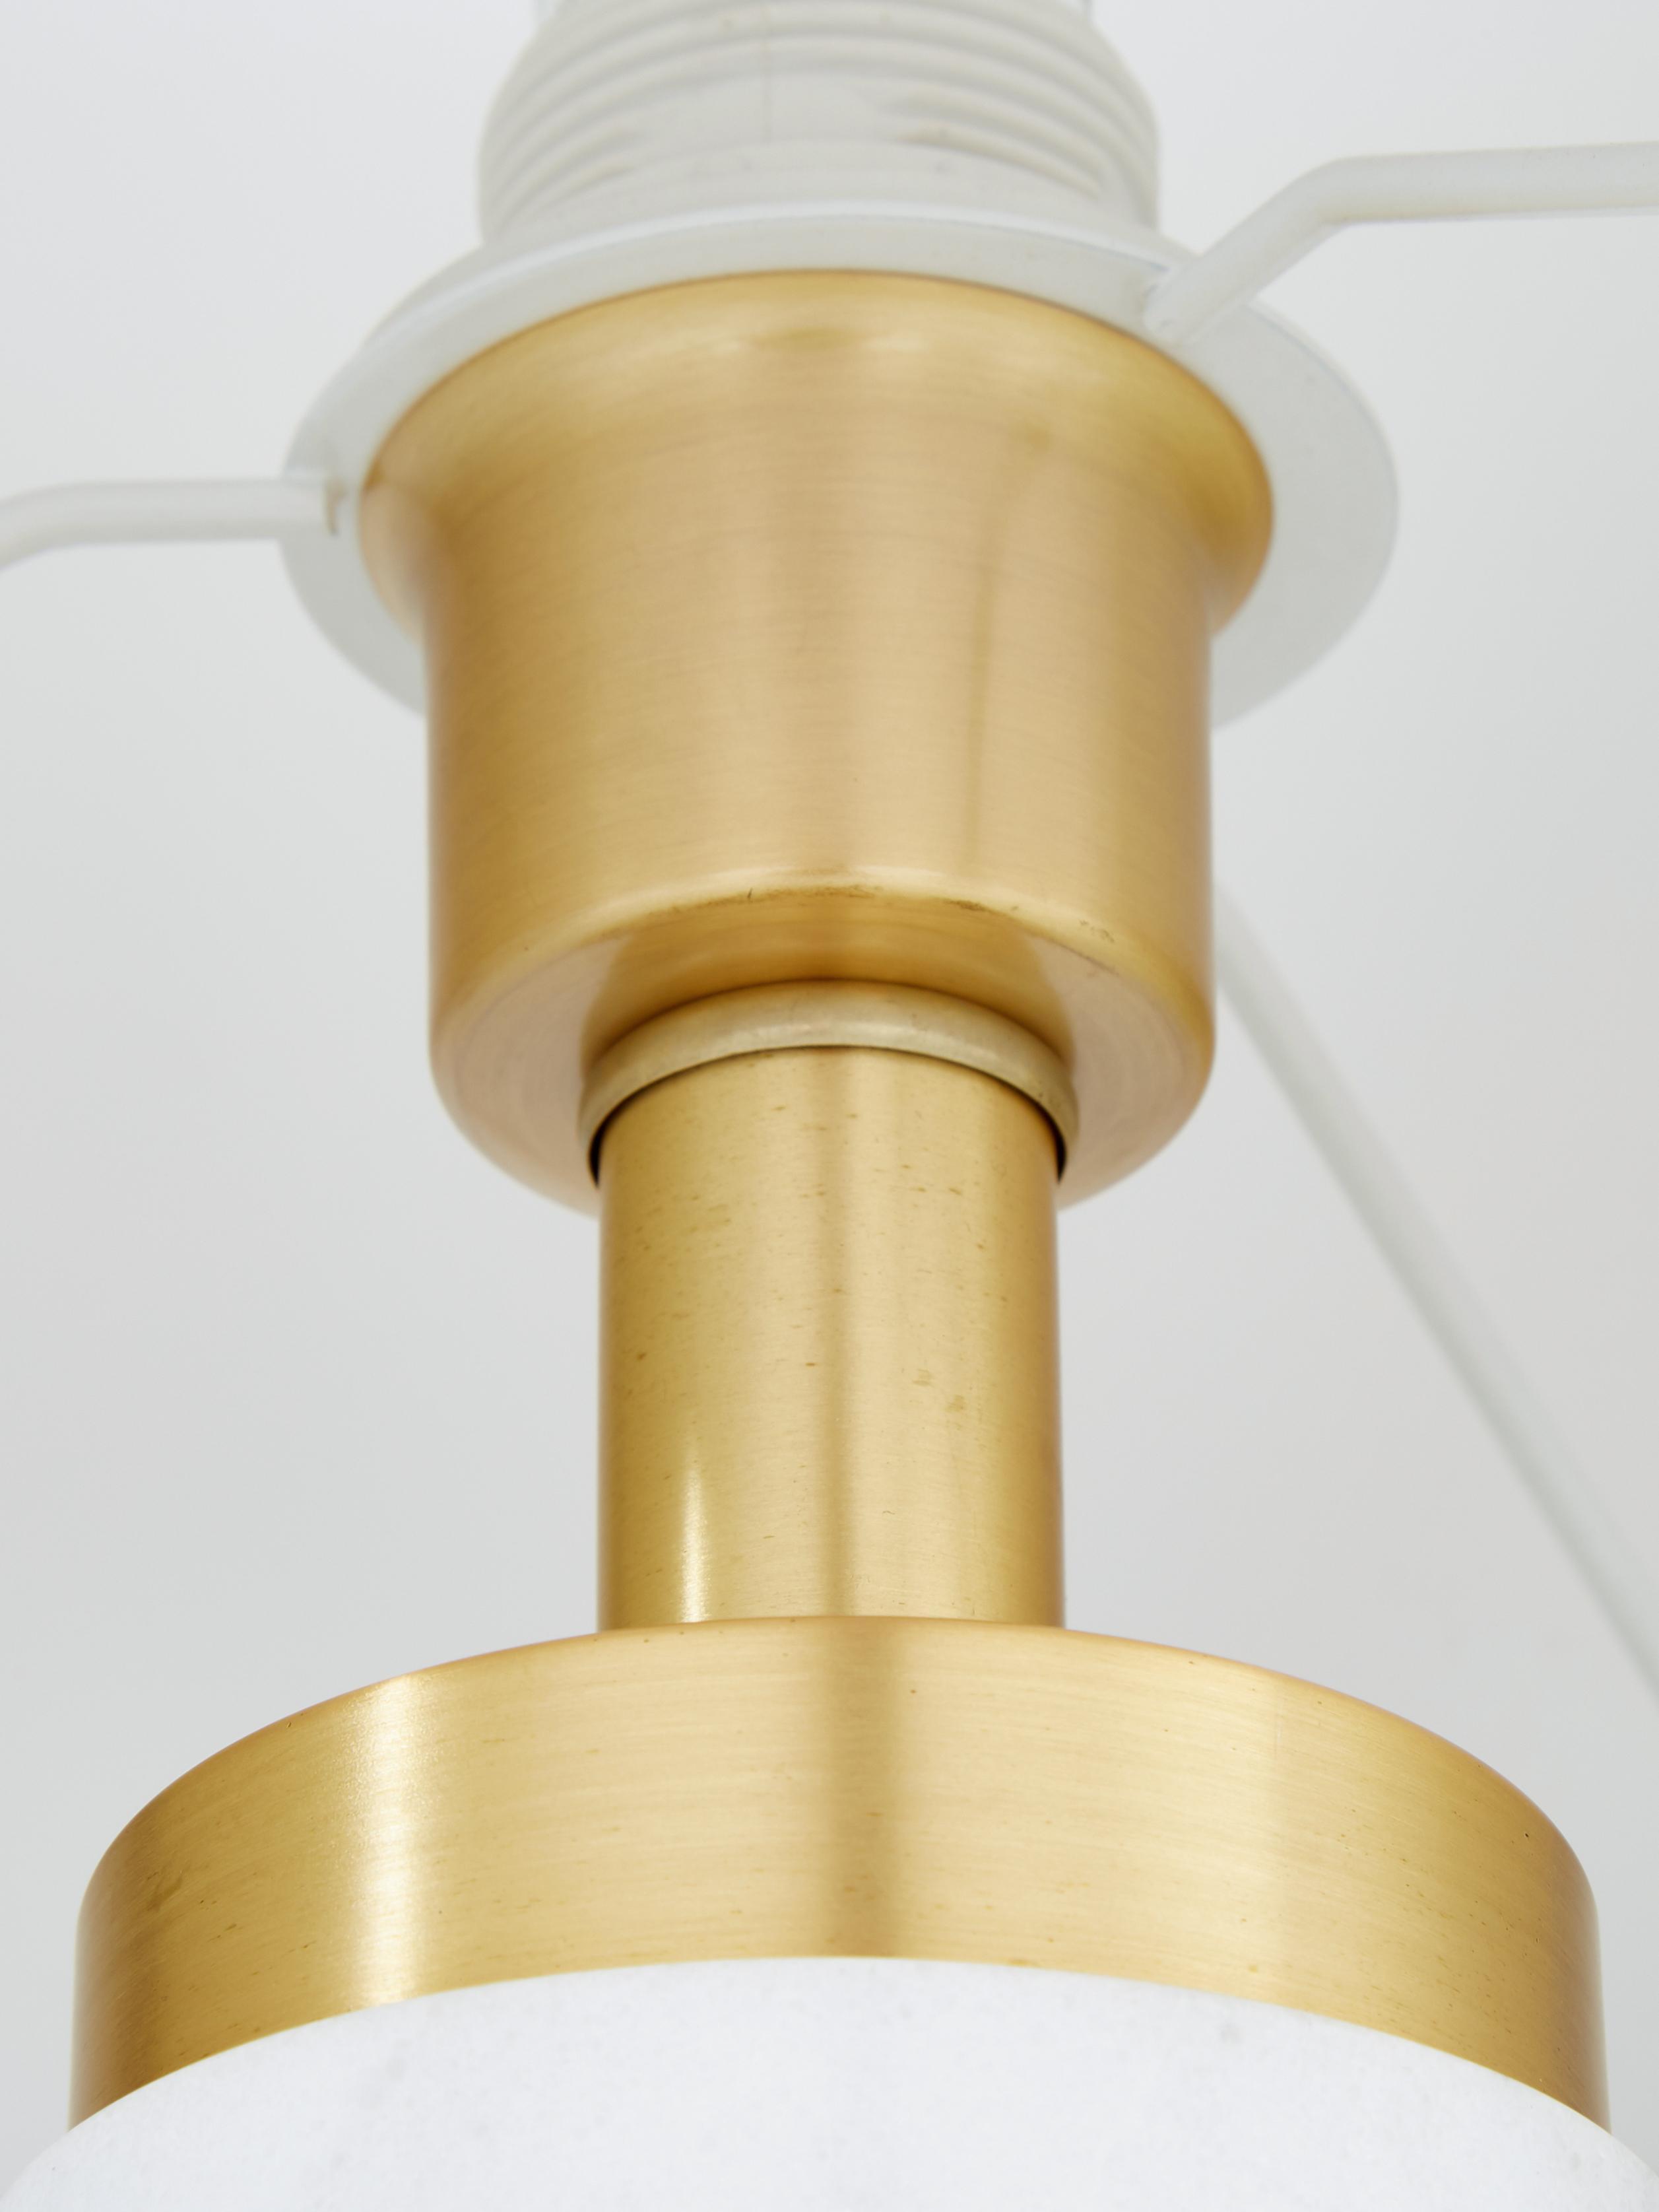 Glam-Tischlampe Miranda mit Marmorfuß, Lampenschirm: Textil, Lampenfuß: Marmor, Messing, gebürste, Weiß,Messingfarben, Ø 28 x H 48 cm